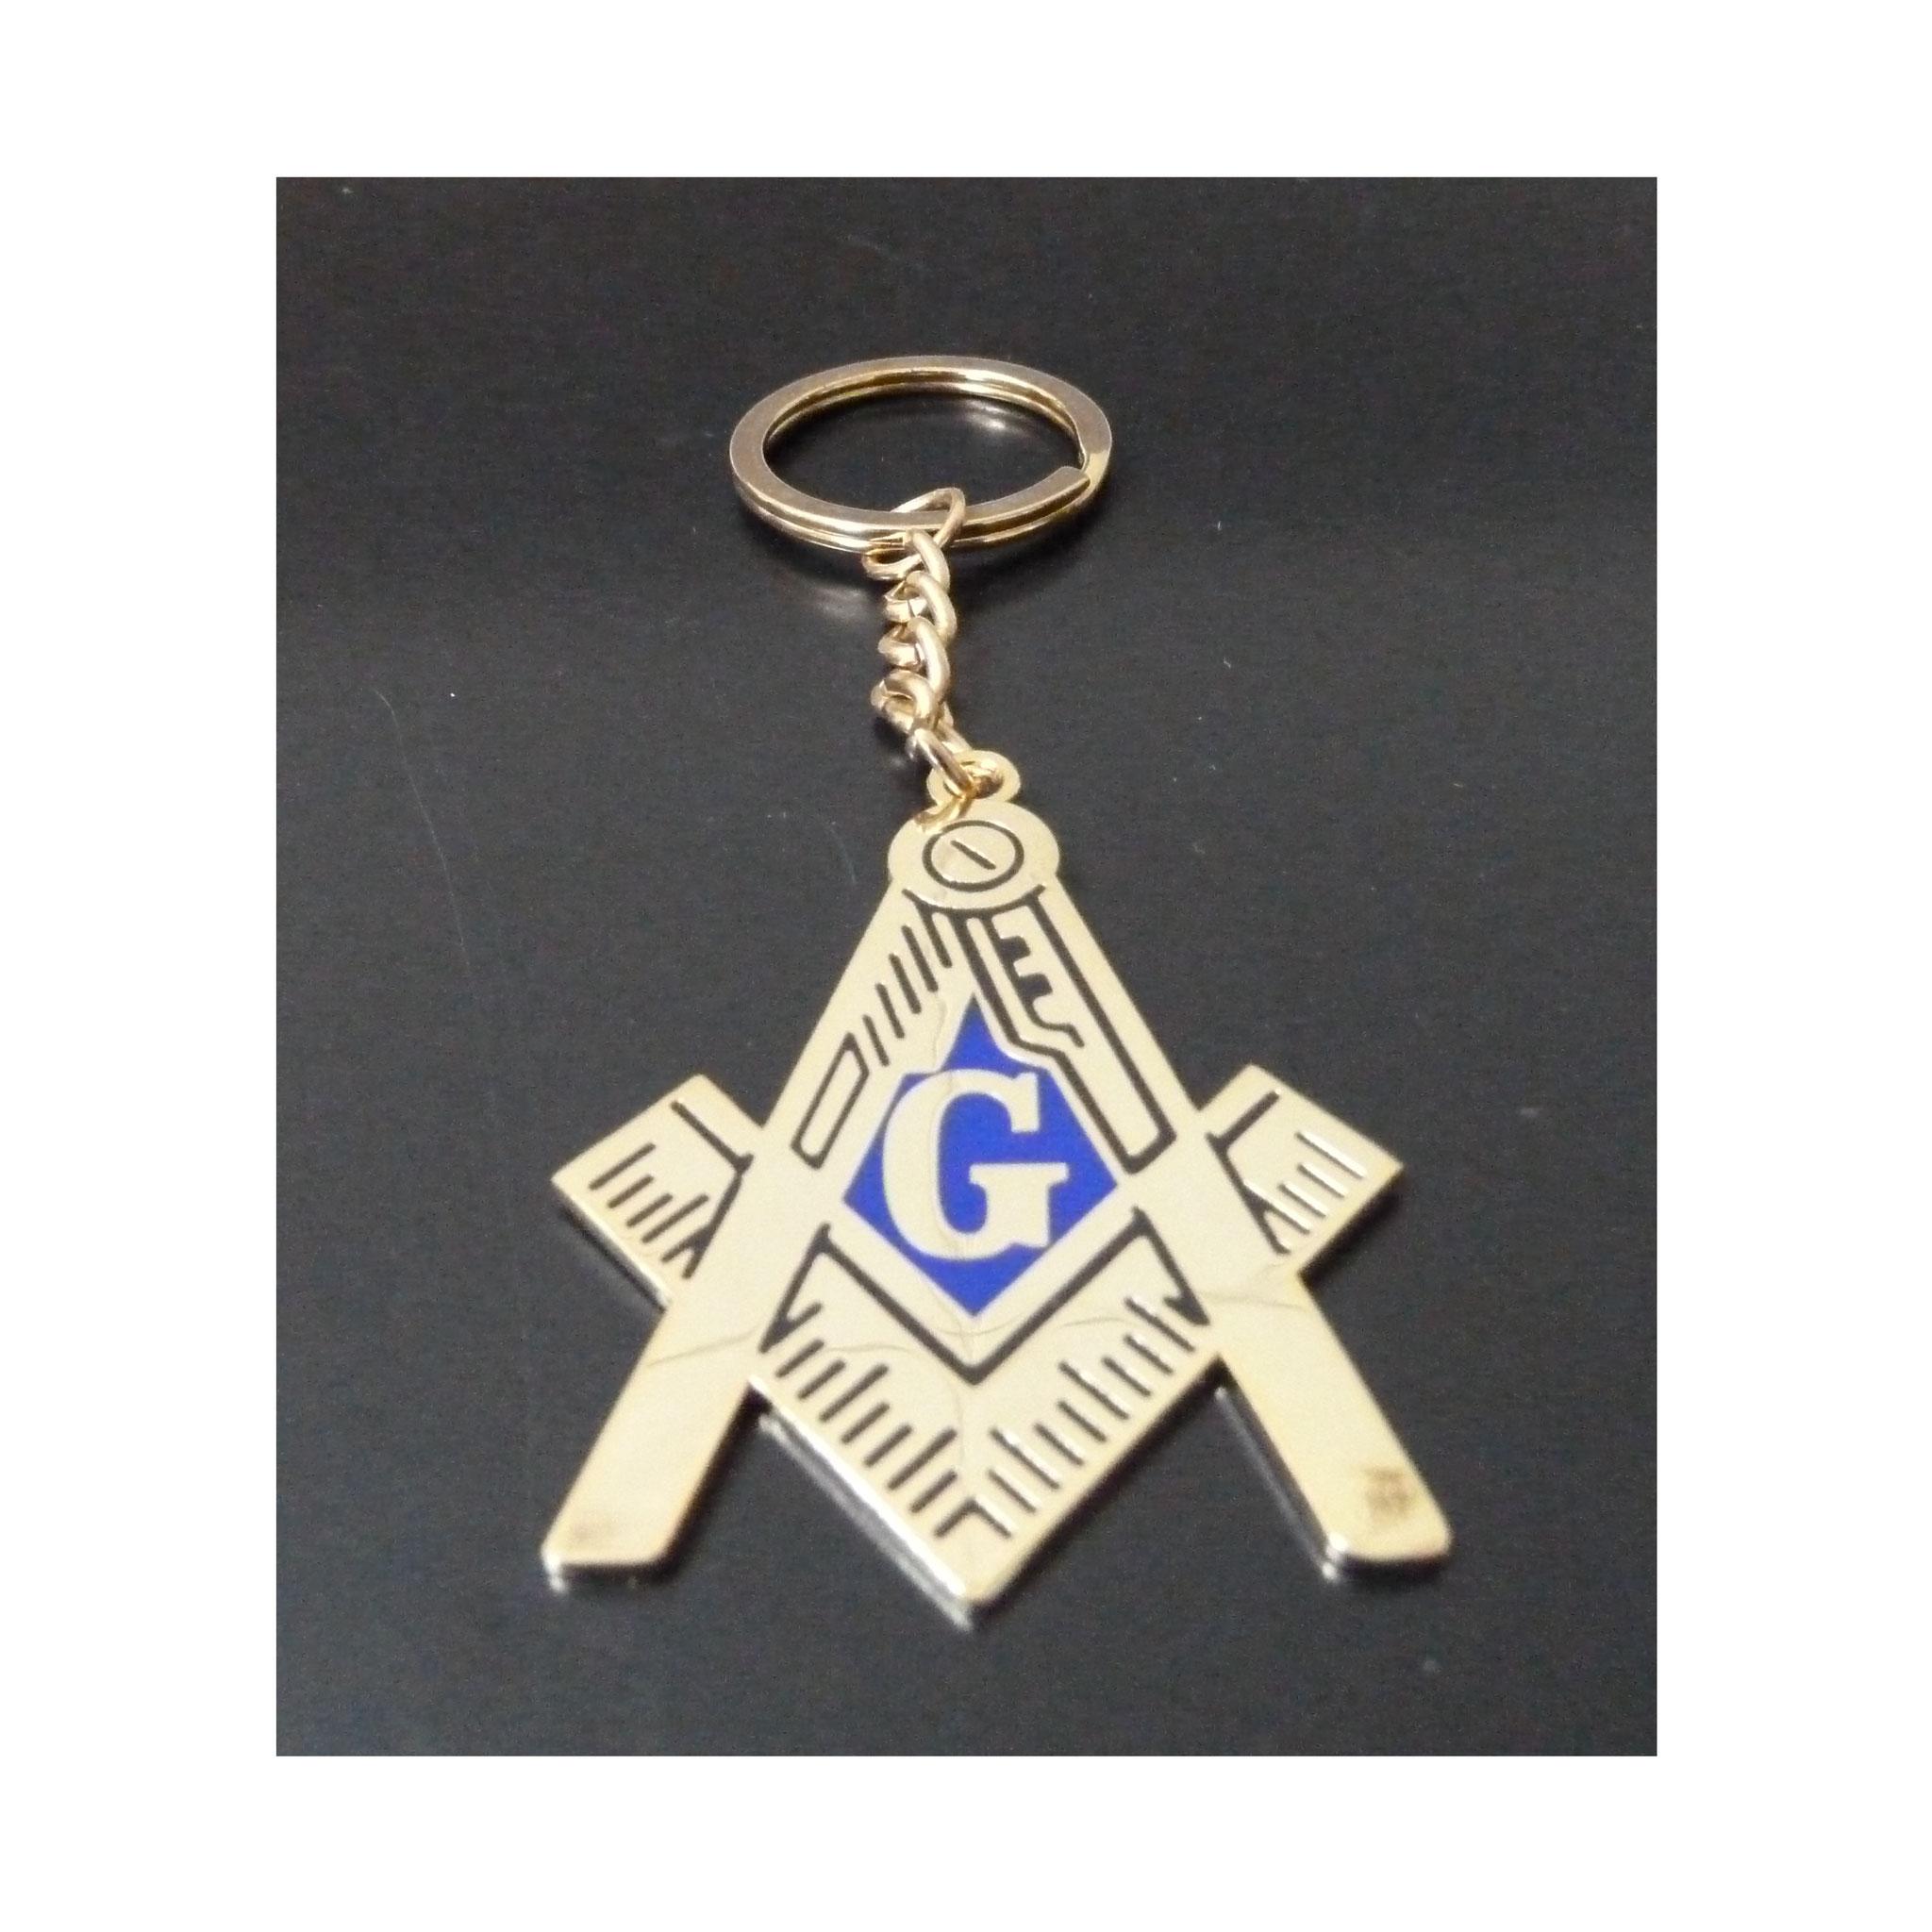 Porte-clés avec symbole maçonnique